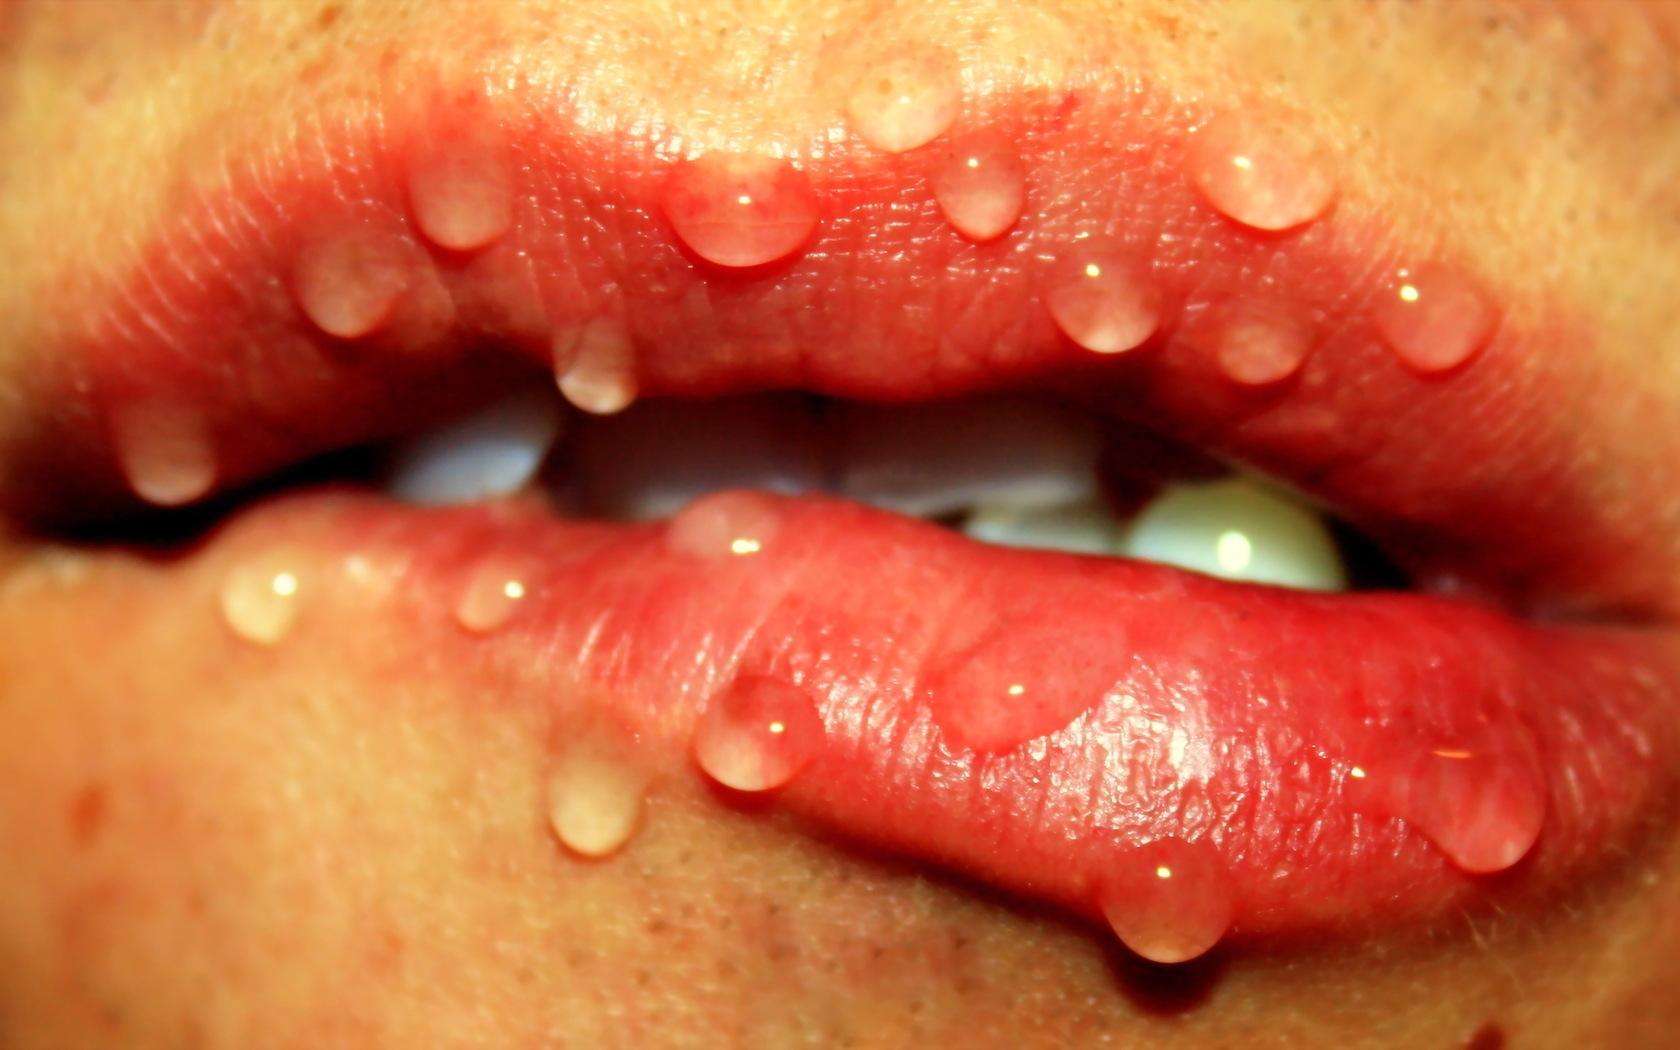 нормальными губы изнутри в картинках нашем магазине можете